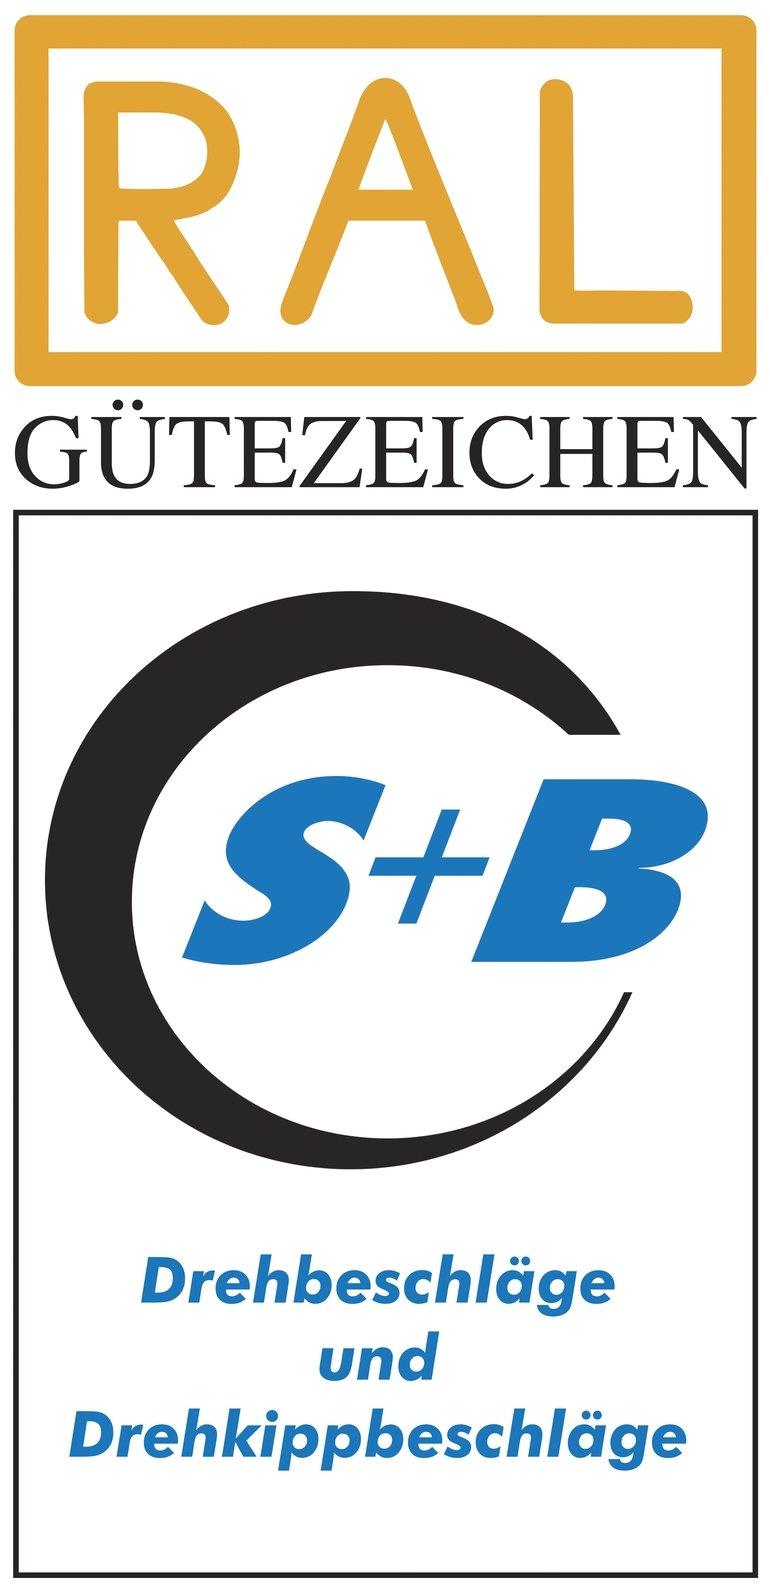 RAL_Drehkipp_Logo.jpg